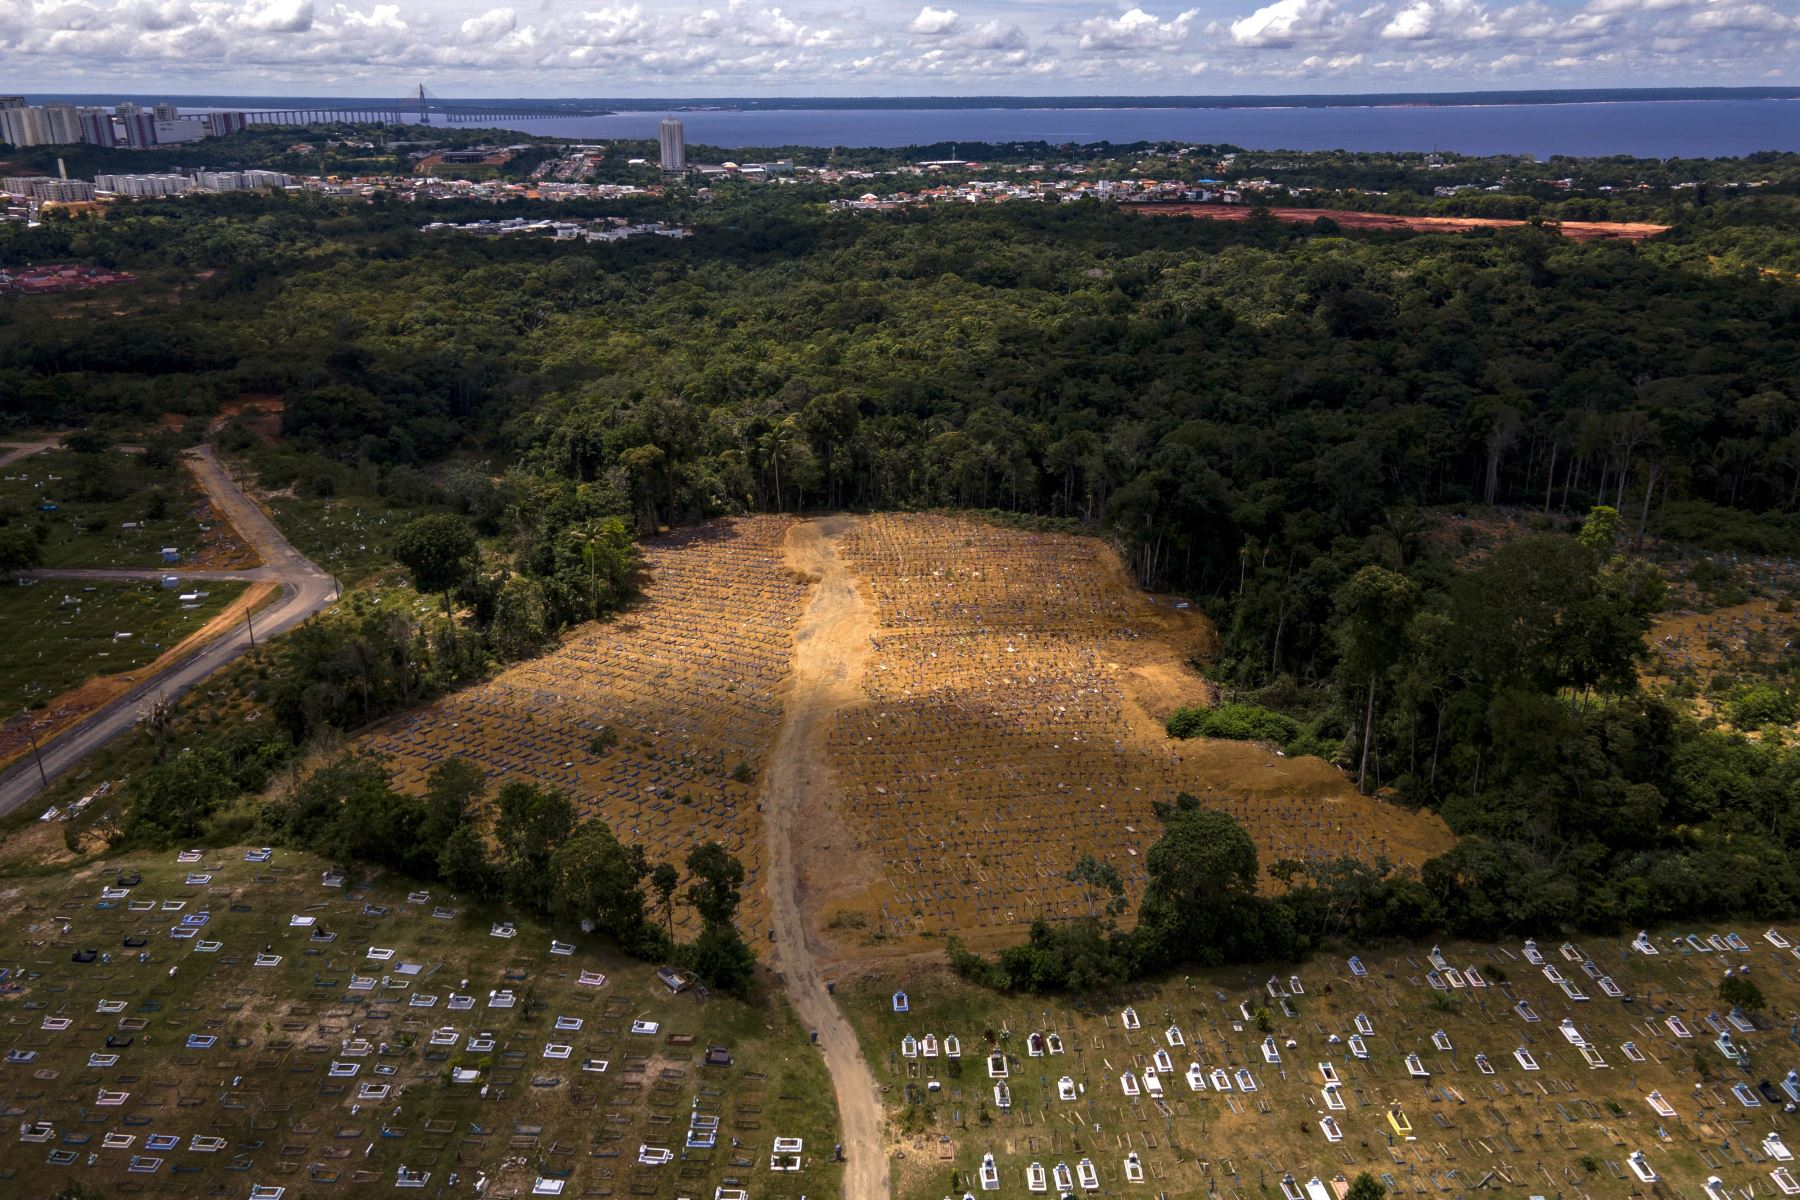 Vista aérea del cementerio Nossa Senhora Aparecida, donde están enterradas las víctimas del COVID-19, en Manaos, Brasil, Con más de 3.000 entierros en enero, la pandemia del COVID-19 acelera la expansión del cementerio más grande del capital del estado de Amazonas.  Foto: AFP